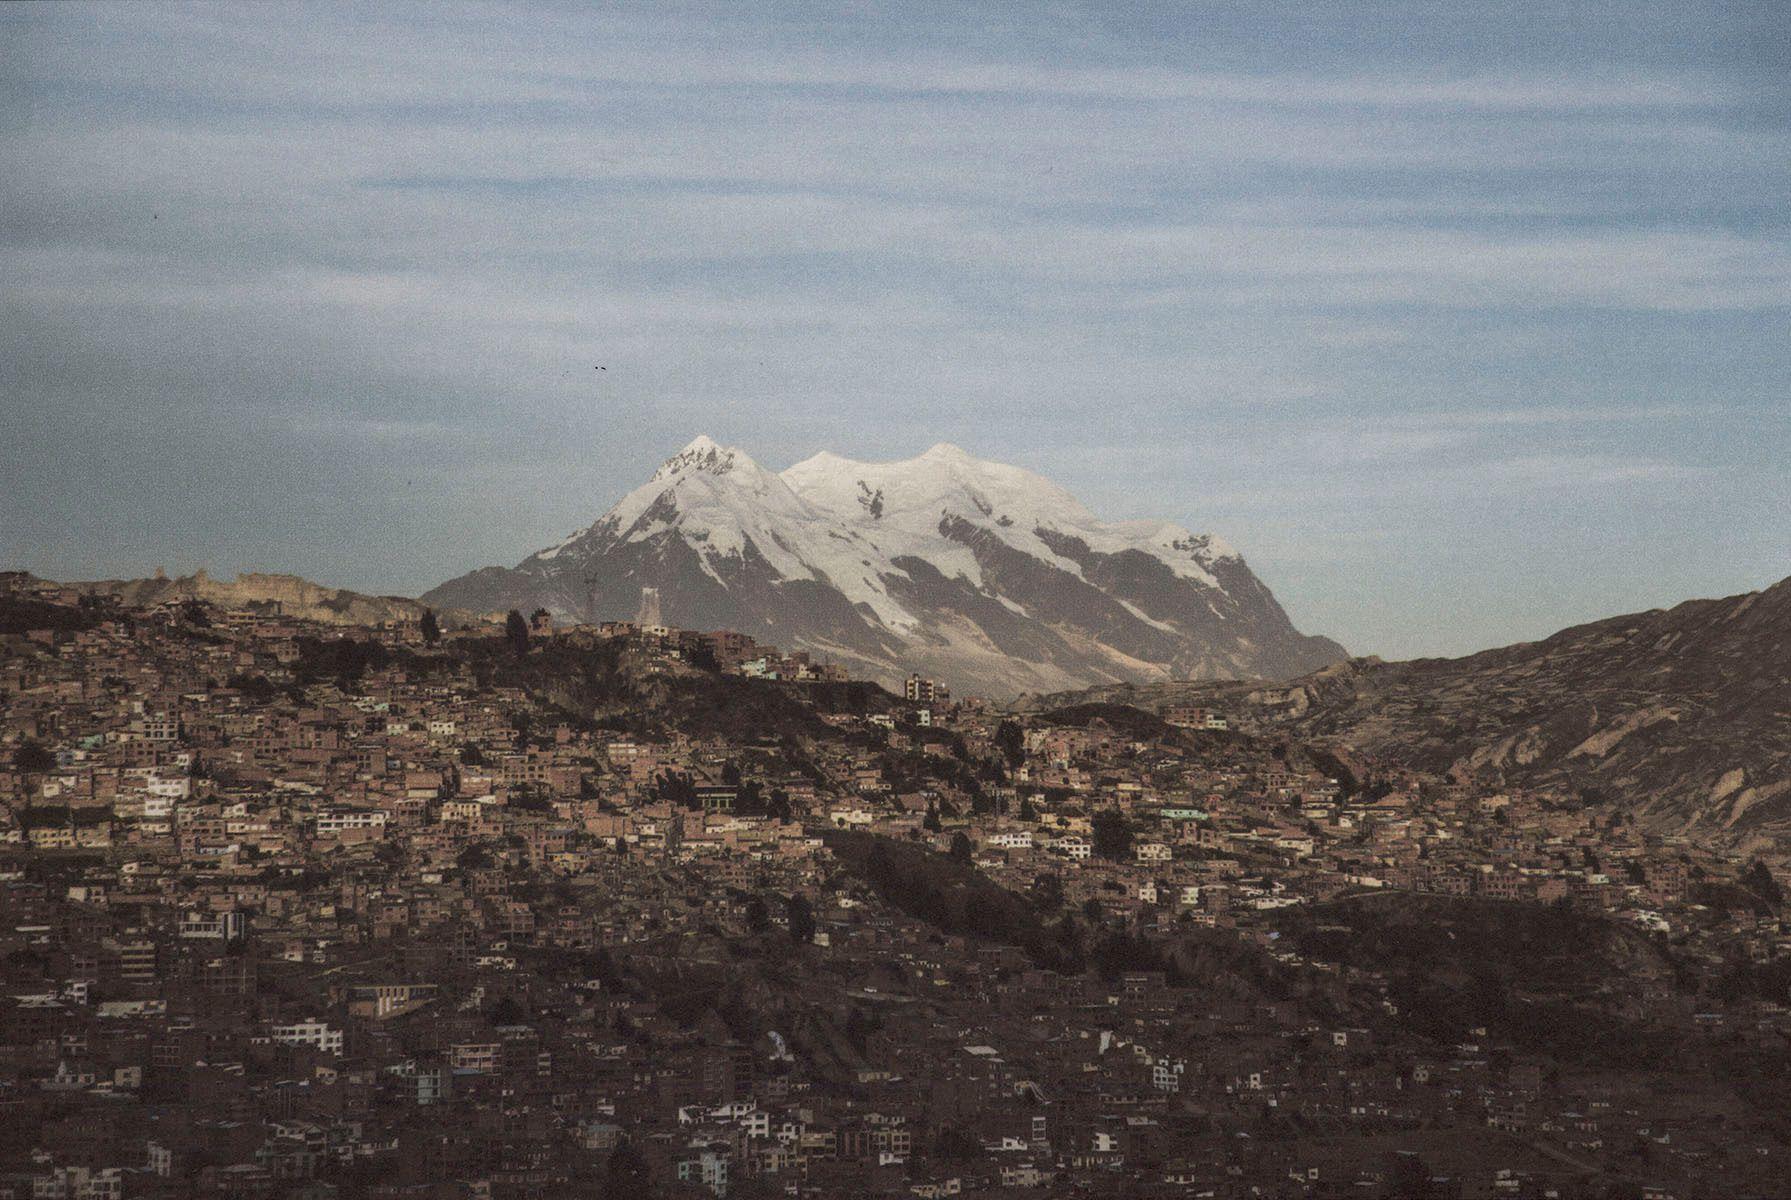 La Paz, Bolivia 2013